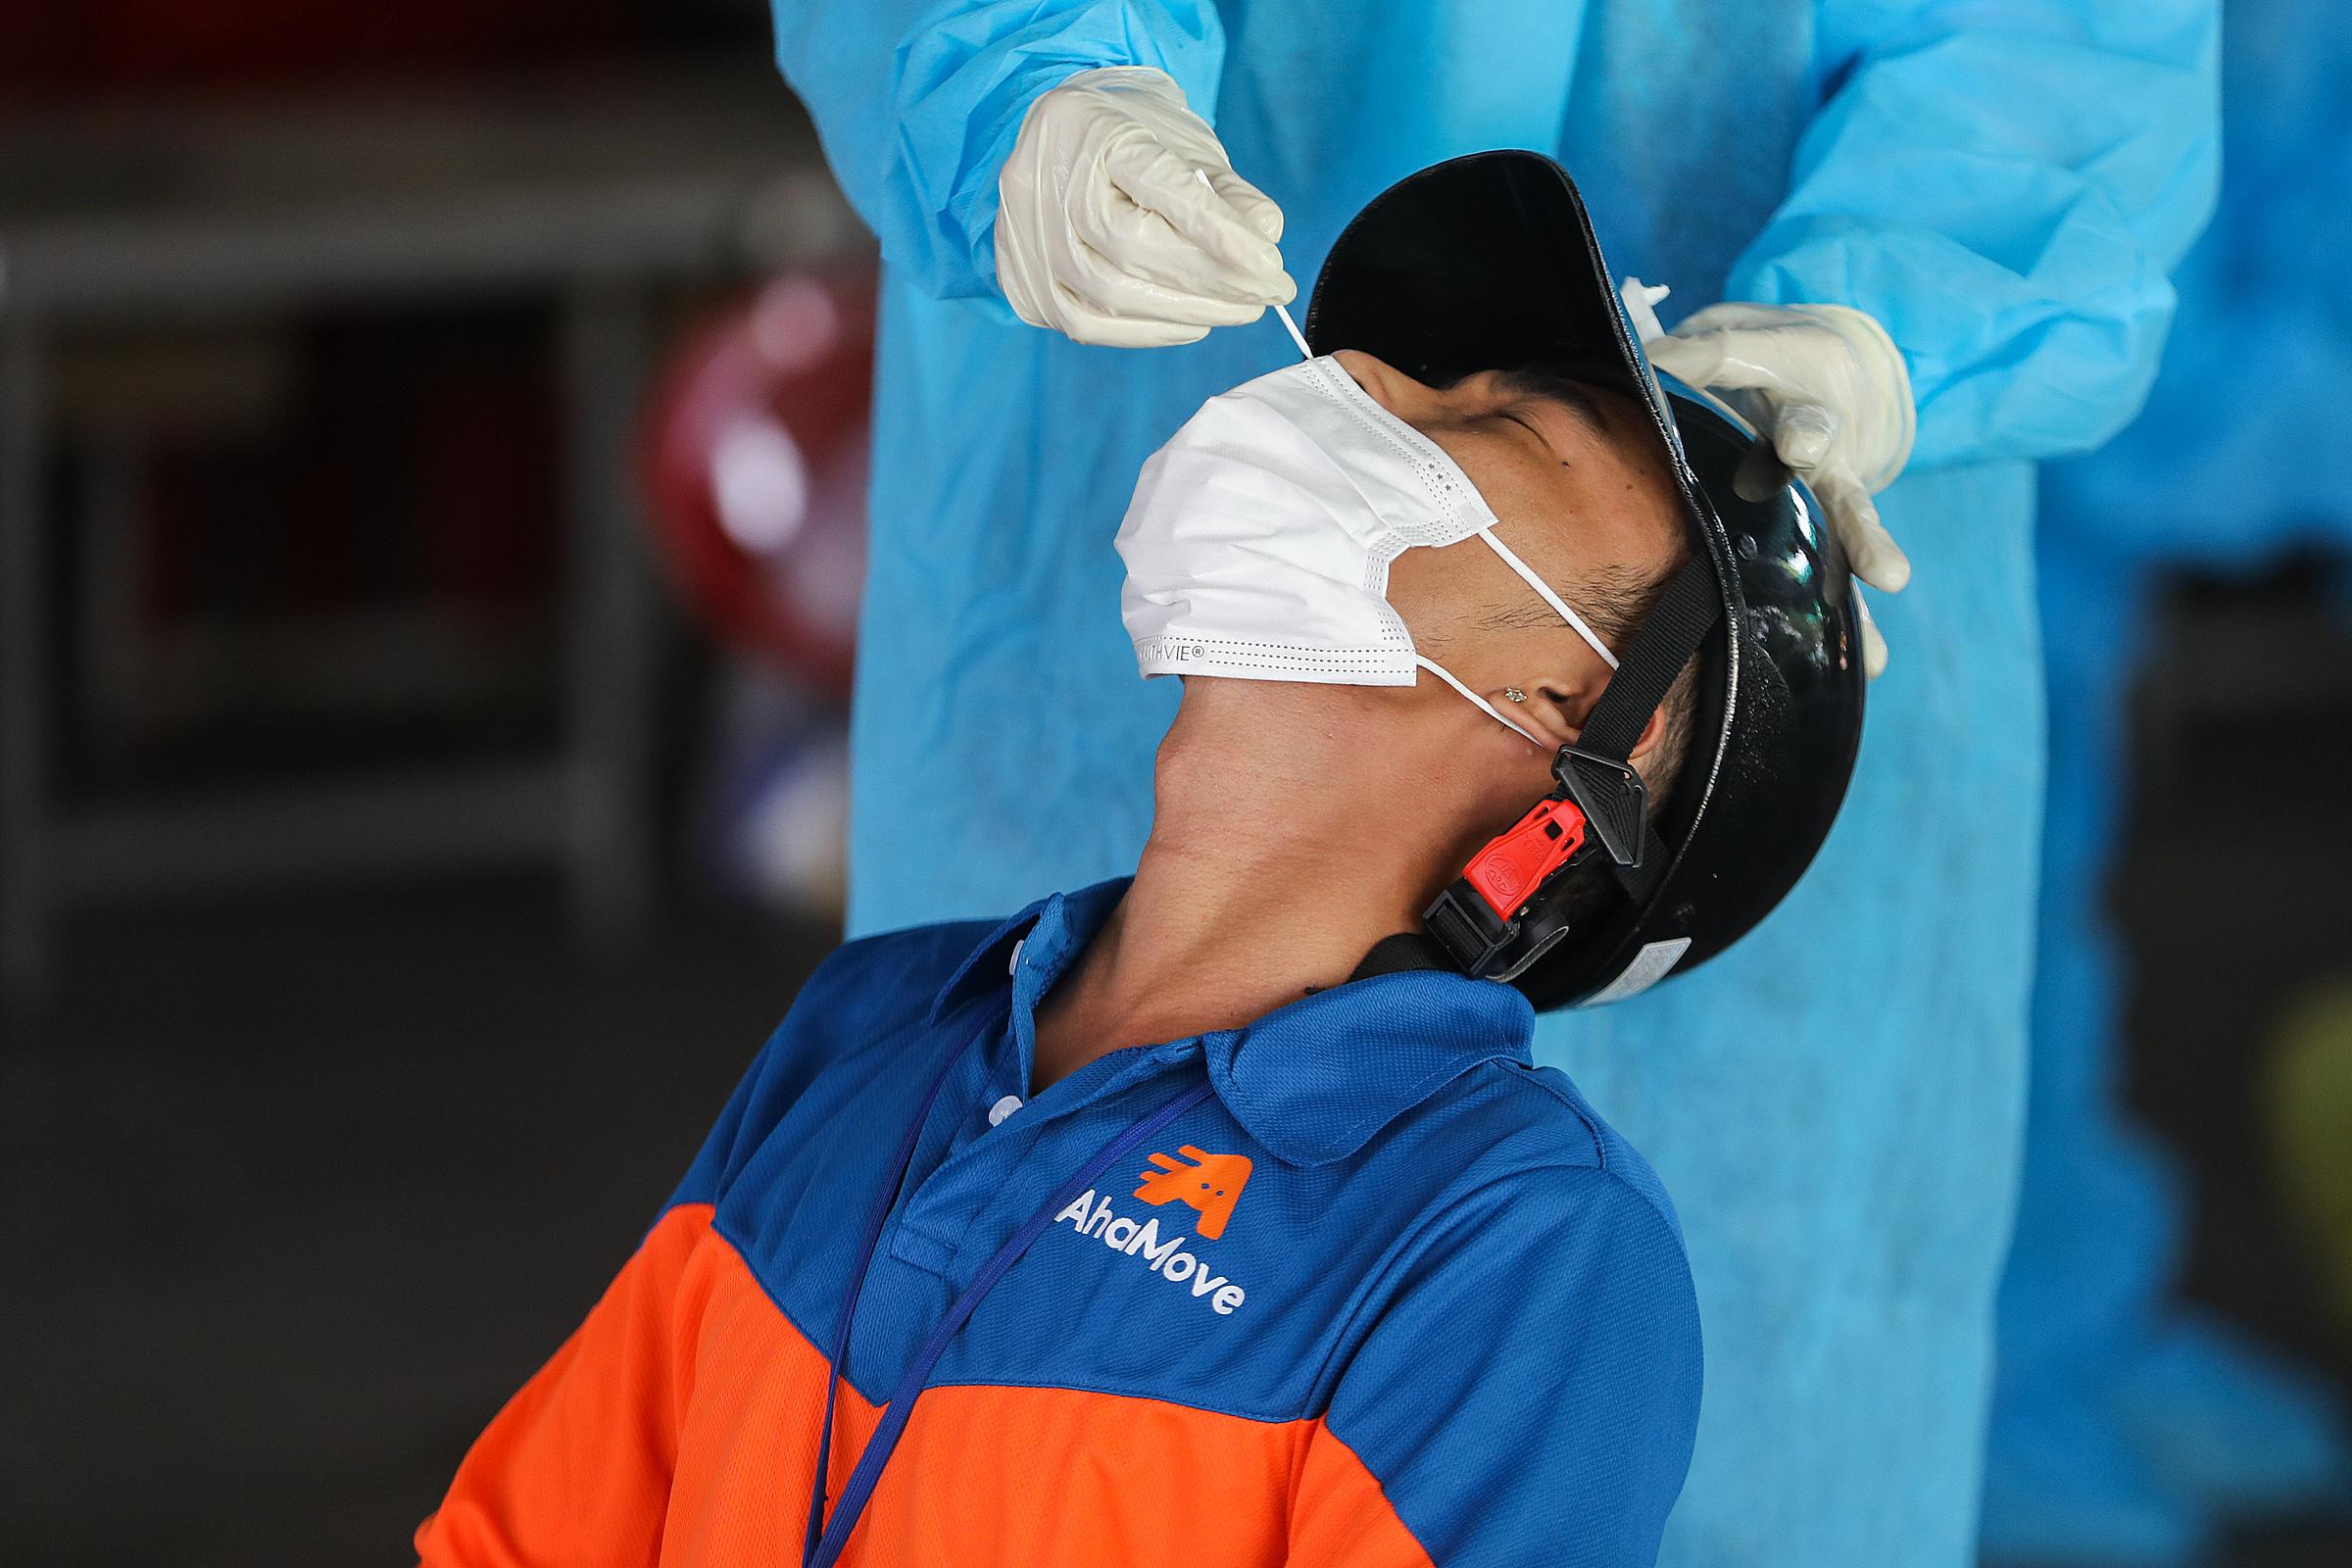 Một shipper đang được lấy mẫu xét nghiệm Covid-19 tại quận Gò Vấp. Ảnh: Quỳnh Trần